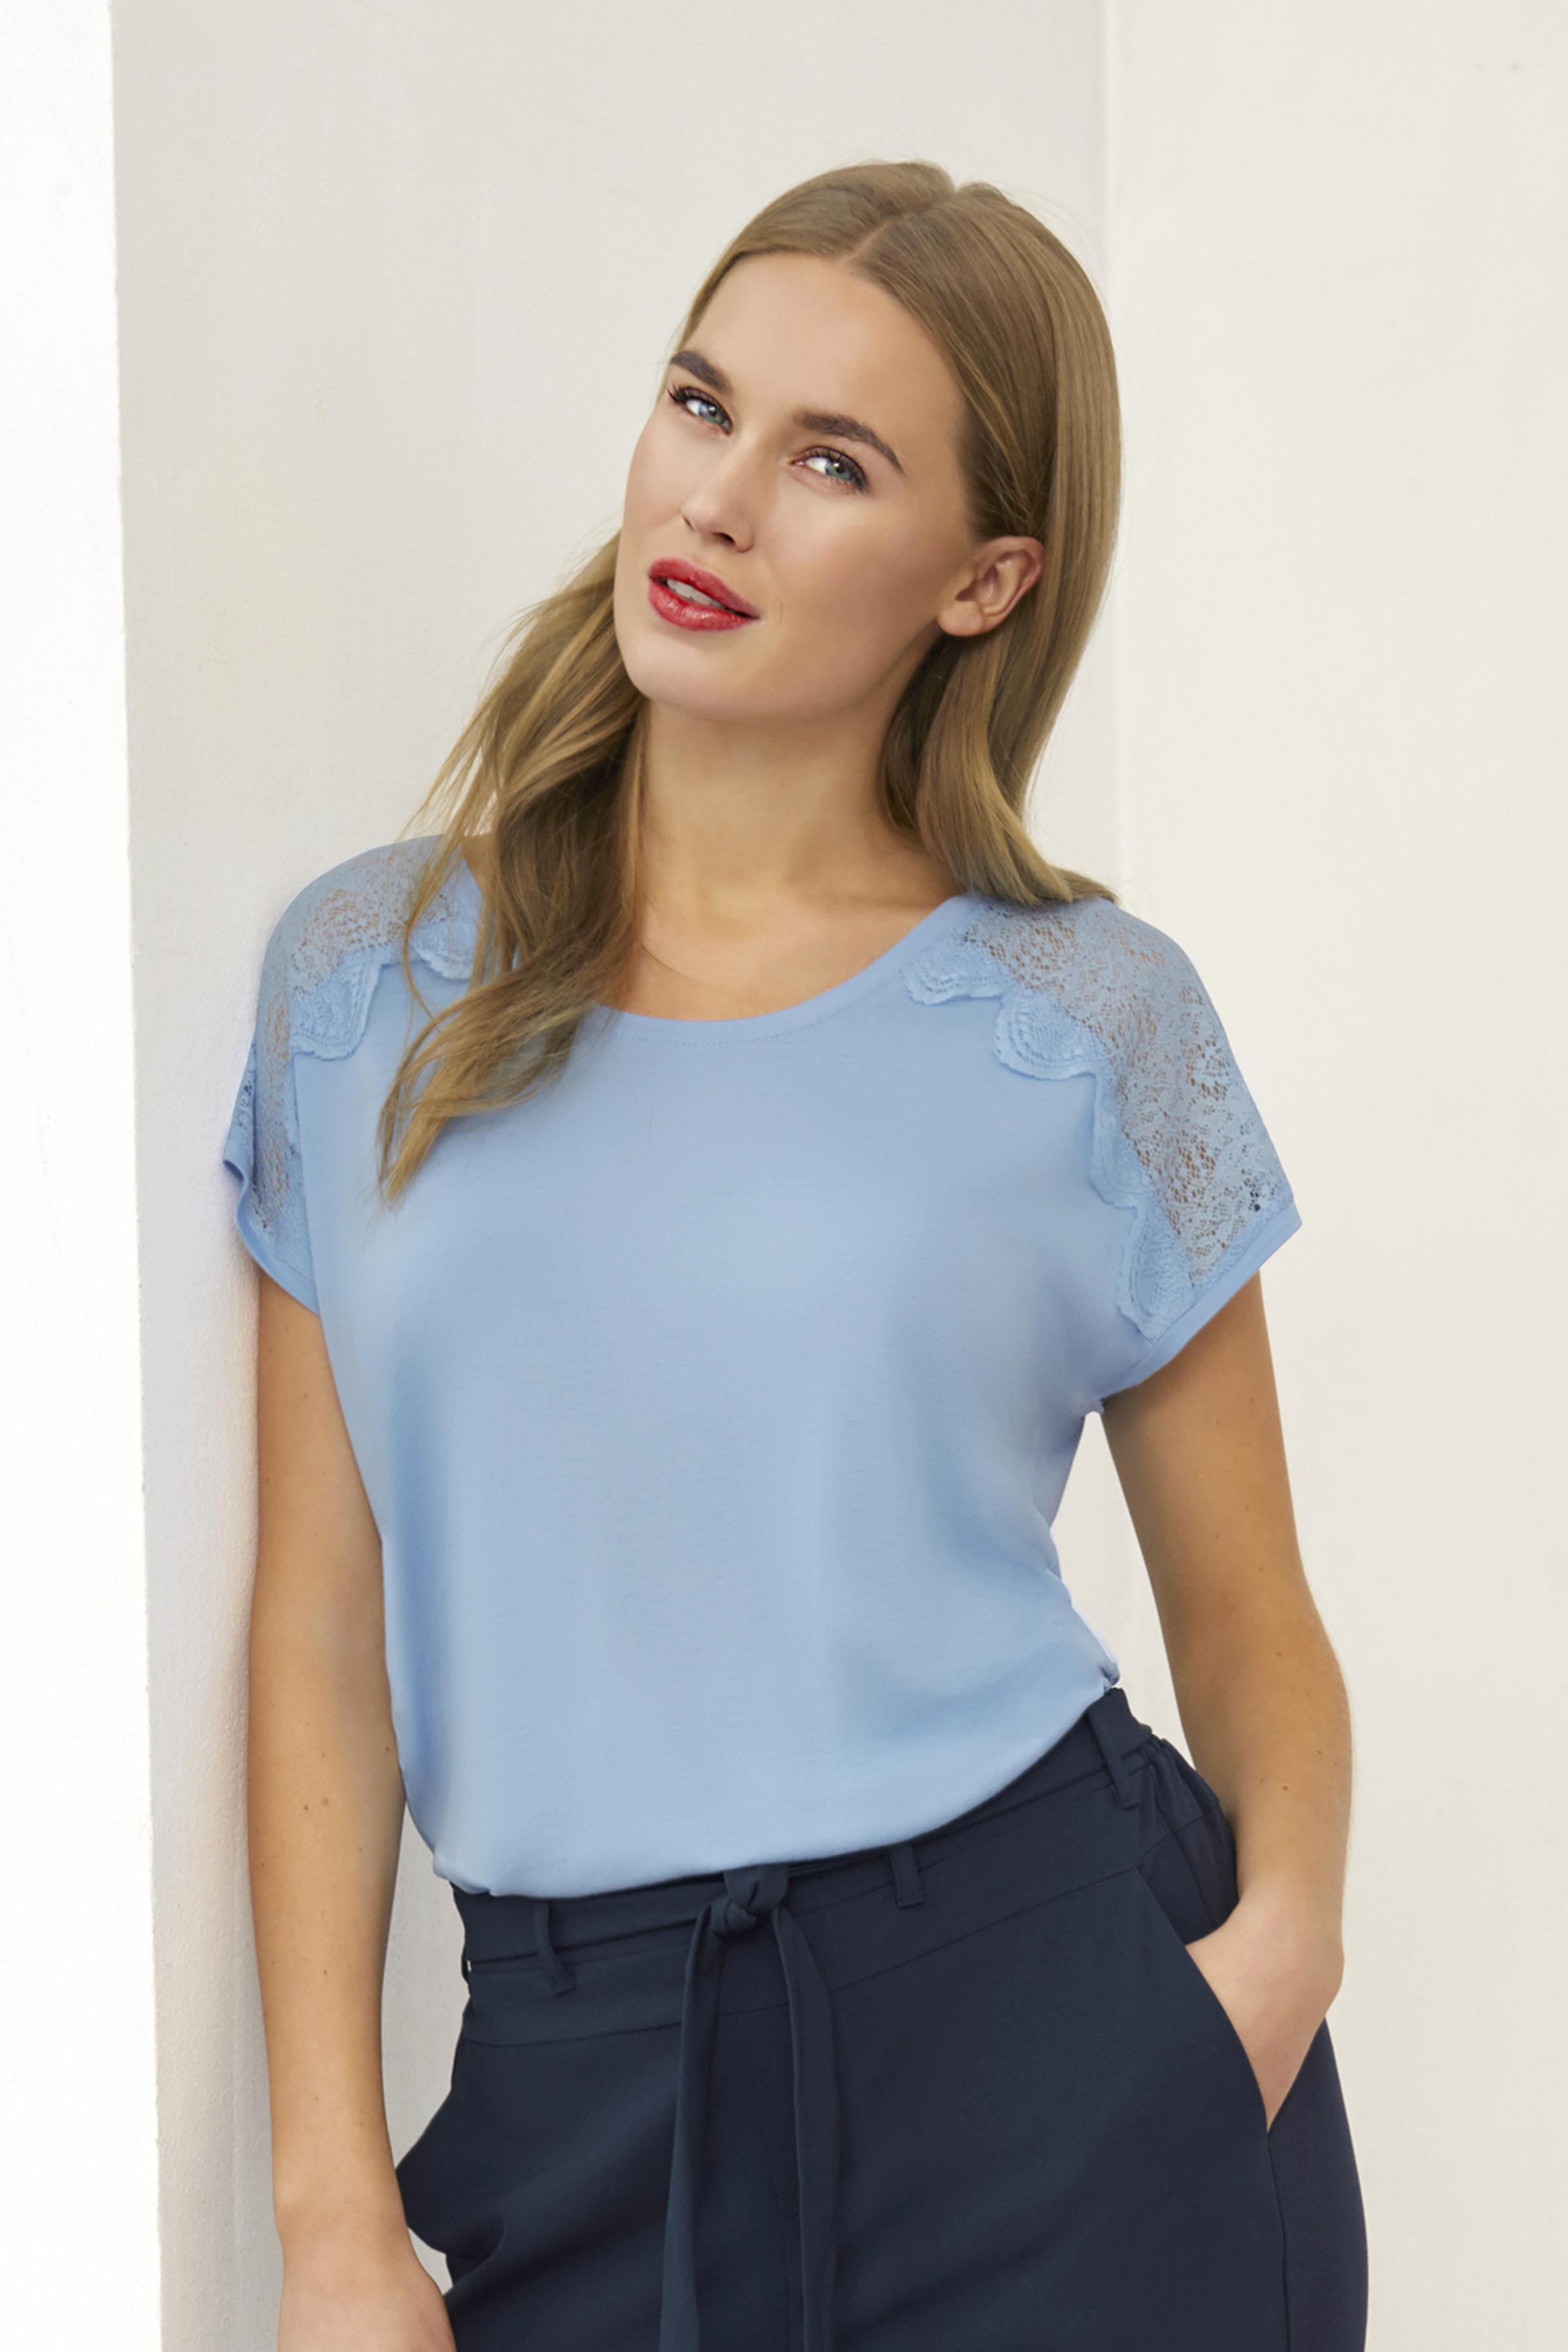 Lichtblauw Korte mouwen T-shirt  van Kaffe – Door Lichtblauw Korte mouwen T-shirt  van maat. XS-XXL hier